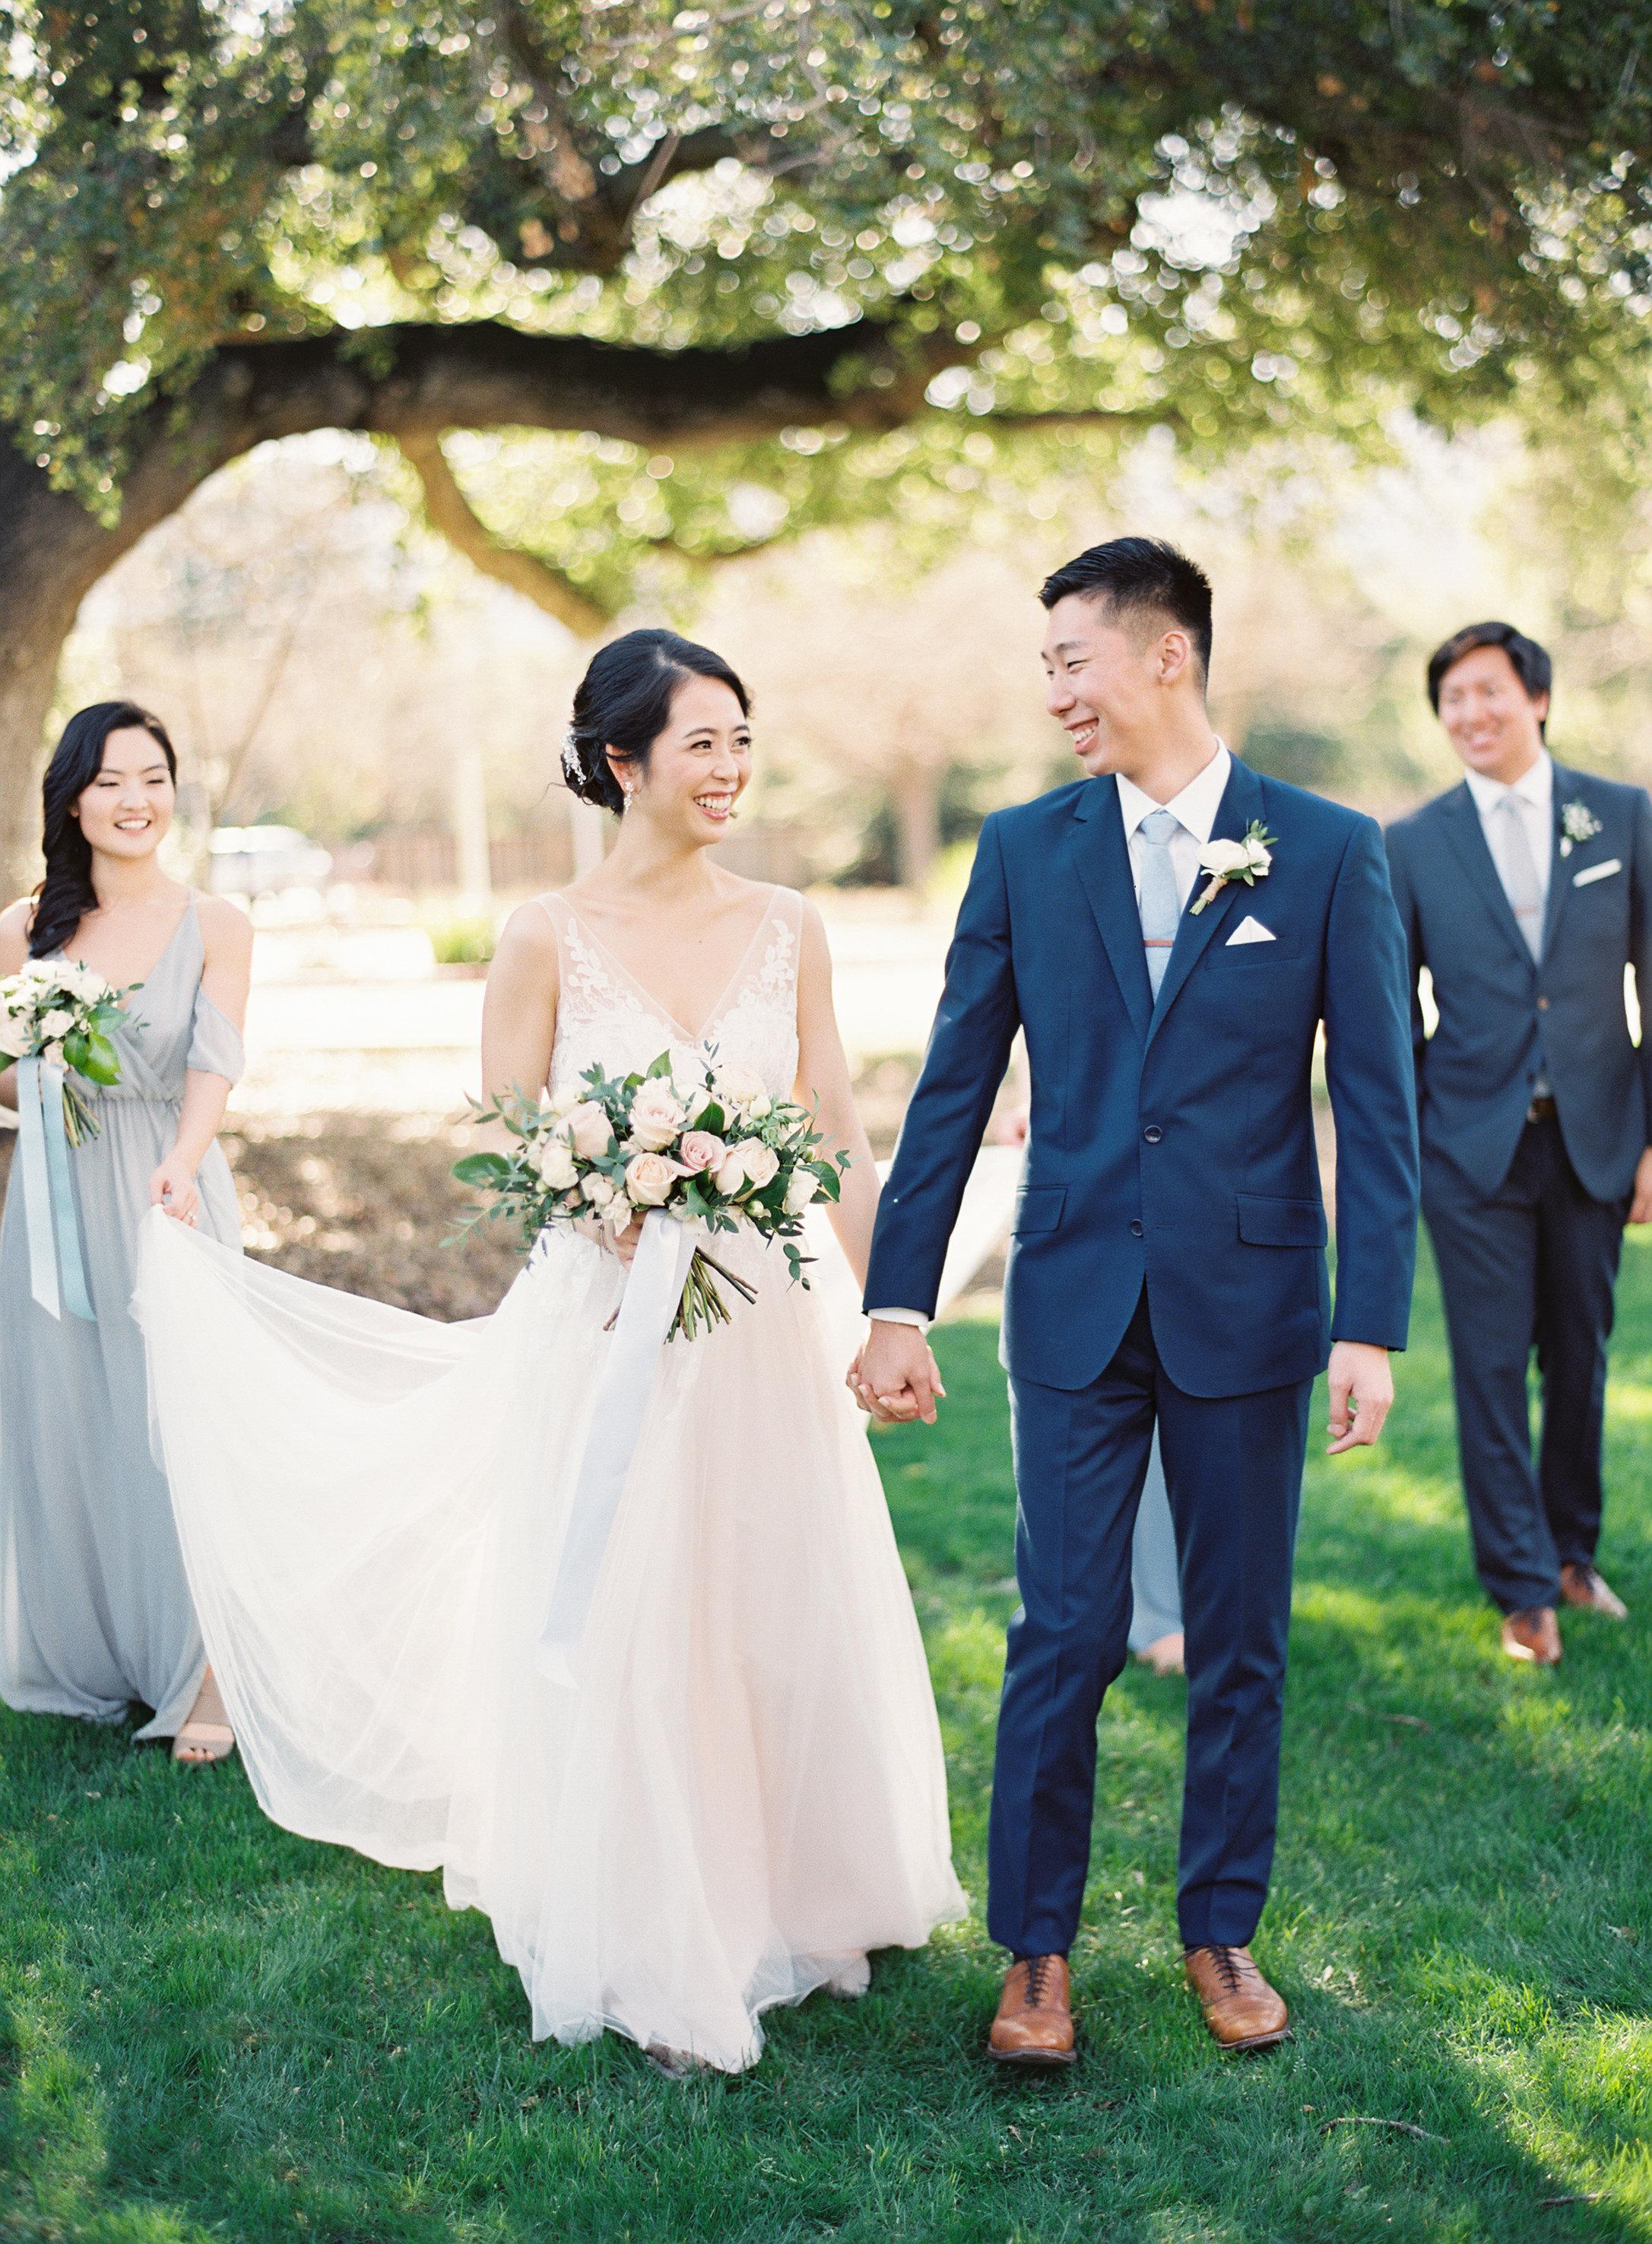 WeddingParty_010.jpg